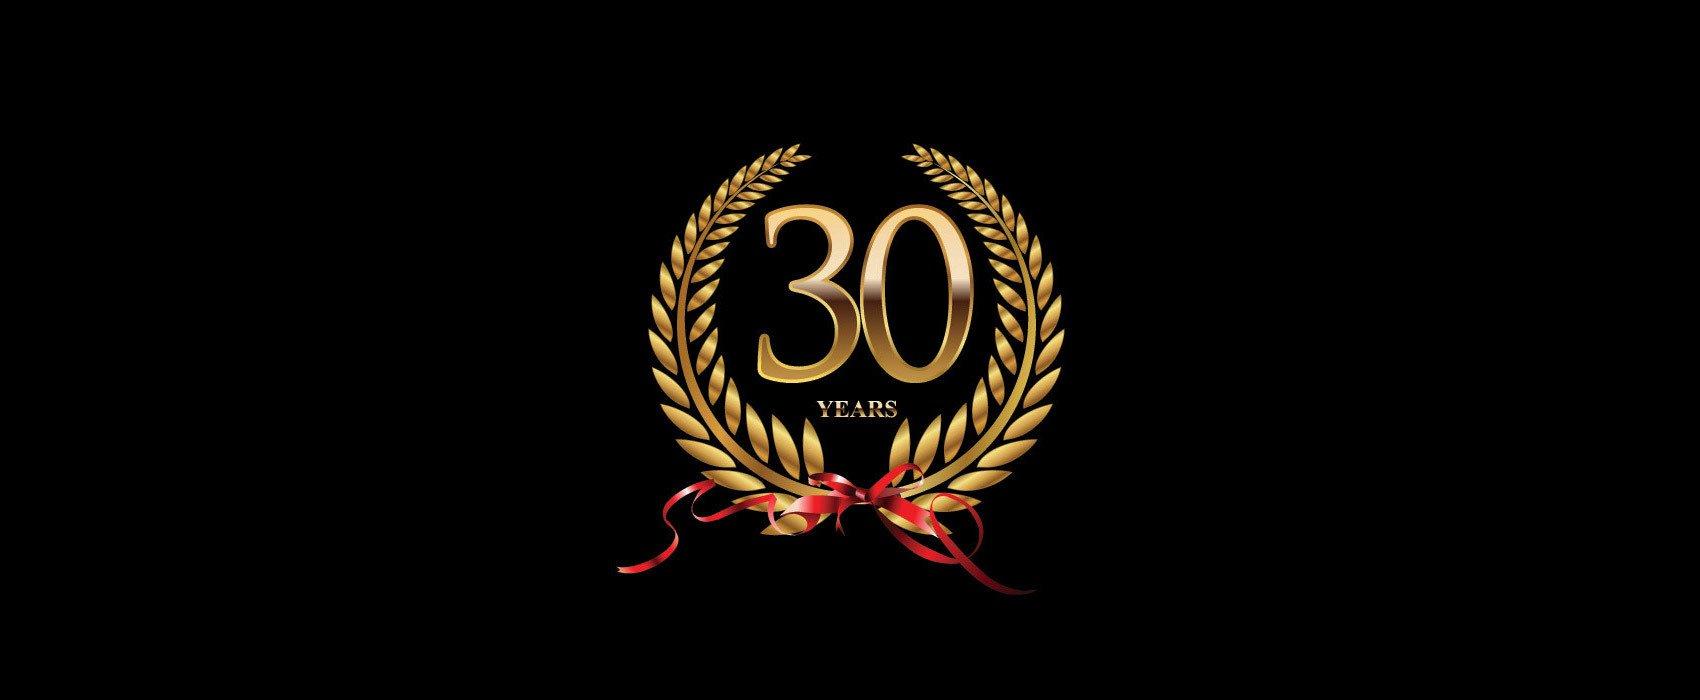 30 years signage